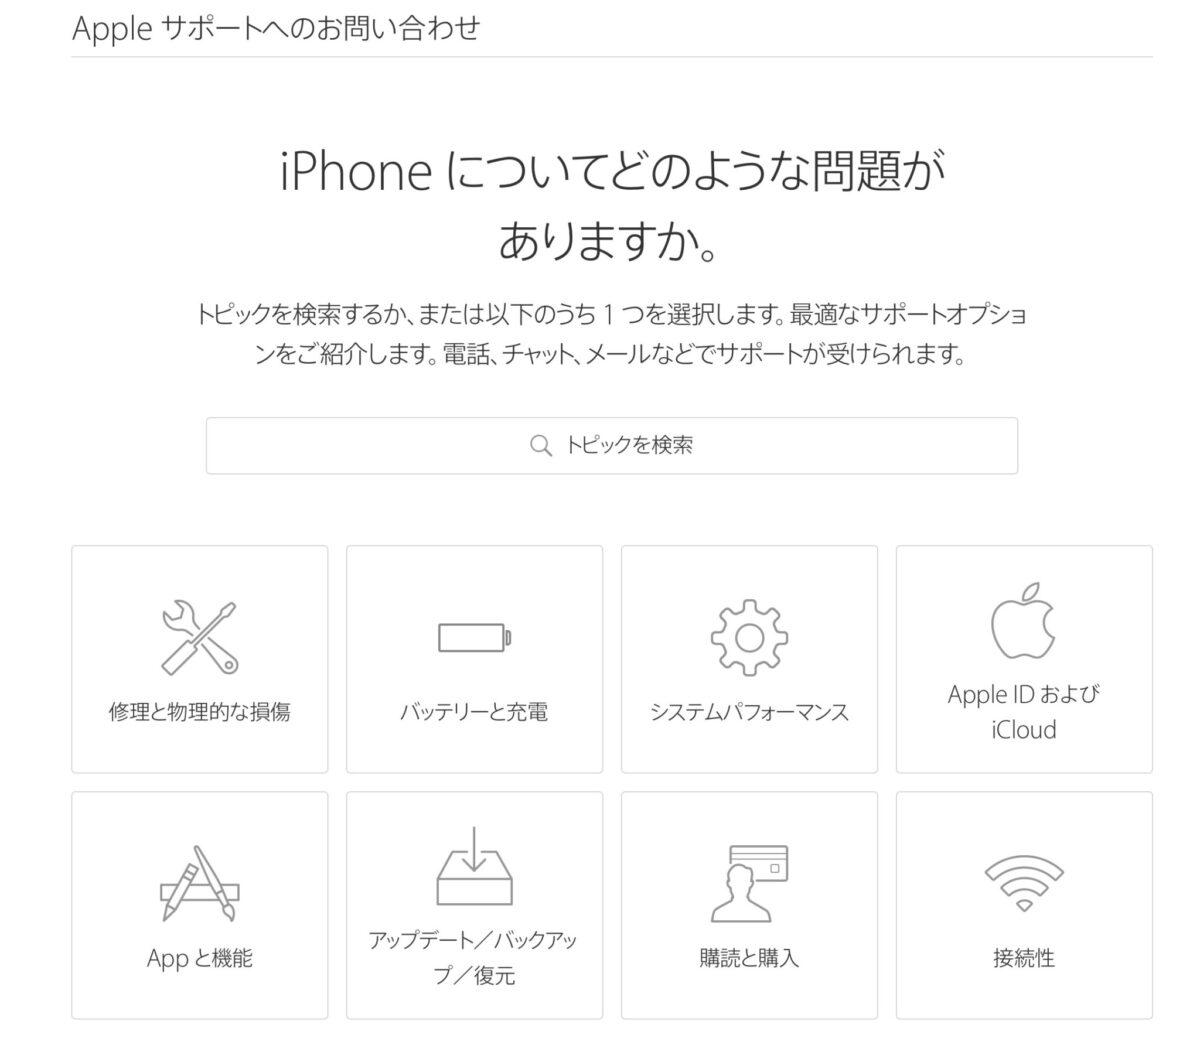 Appleへの修理等の問い合わせはチャットが便利なお話!